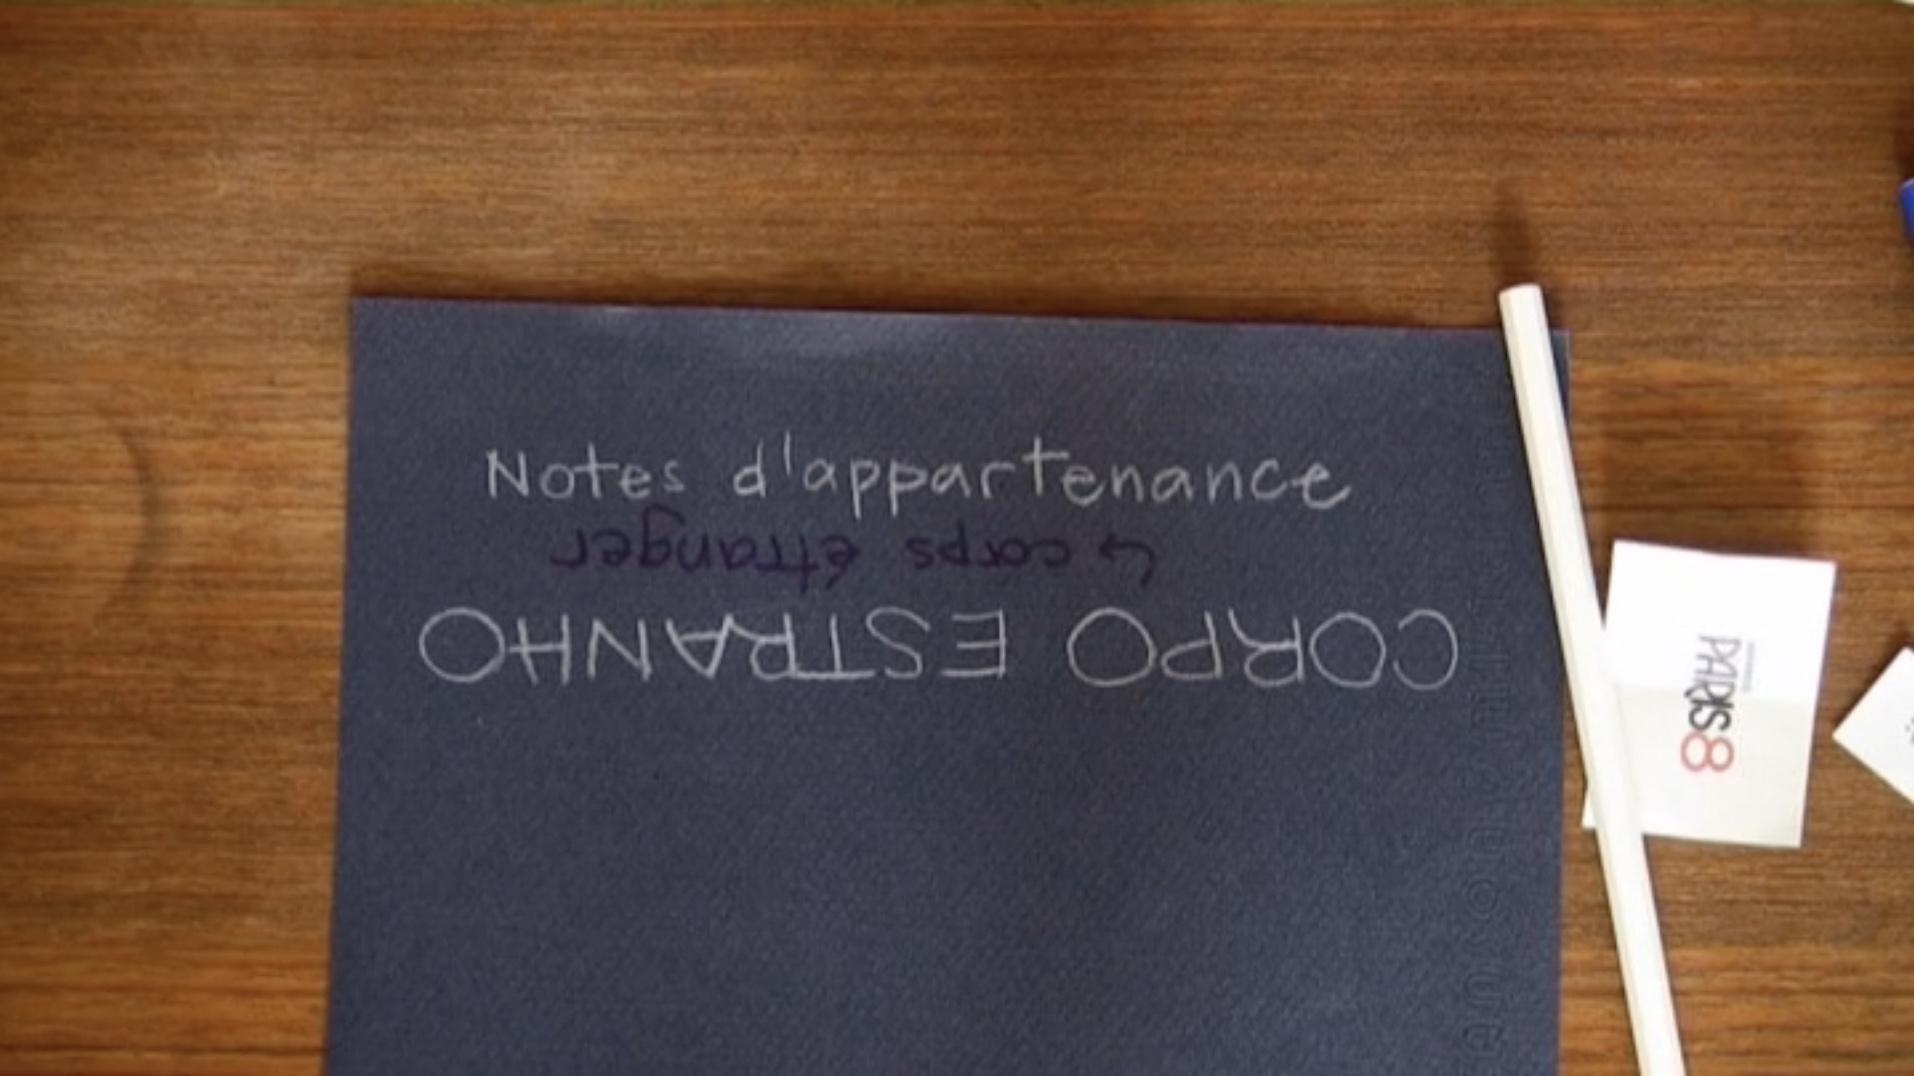 Corpo Estranho : notes d'appartenance - Flávia TAVARES - 2009